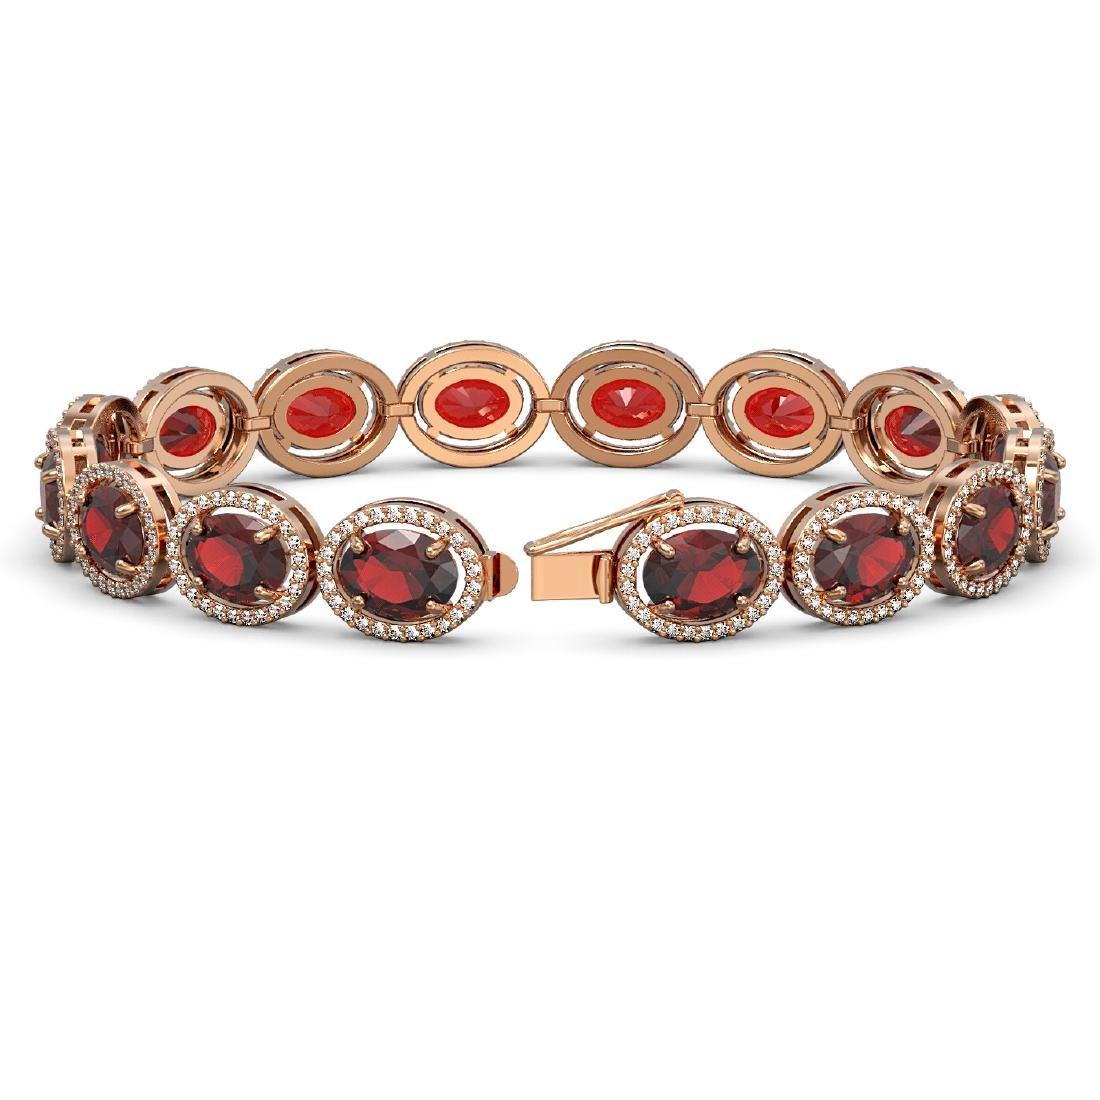 27.28 CTW Garnet & Diamond Halo Bracelet 10K Rose Gold - 2